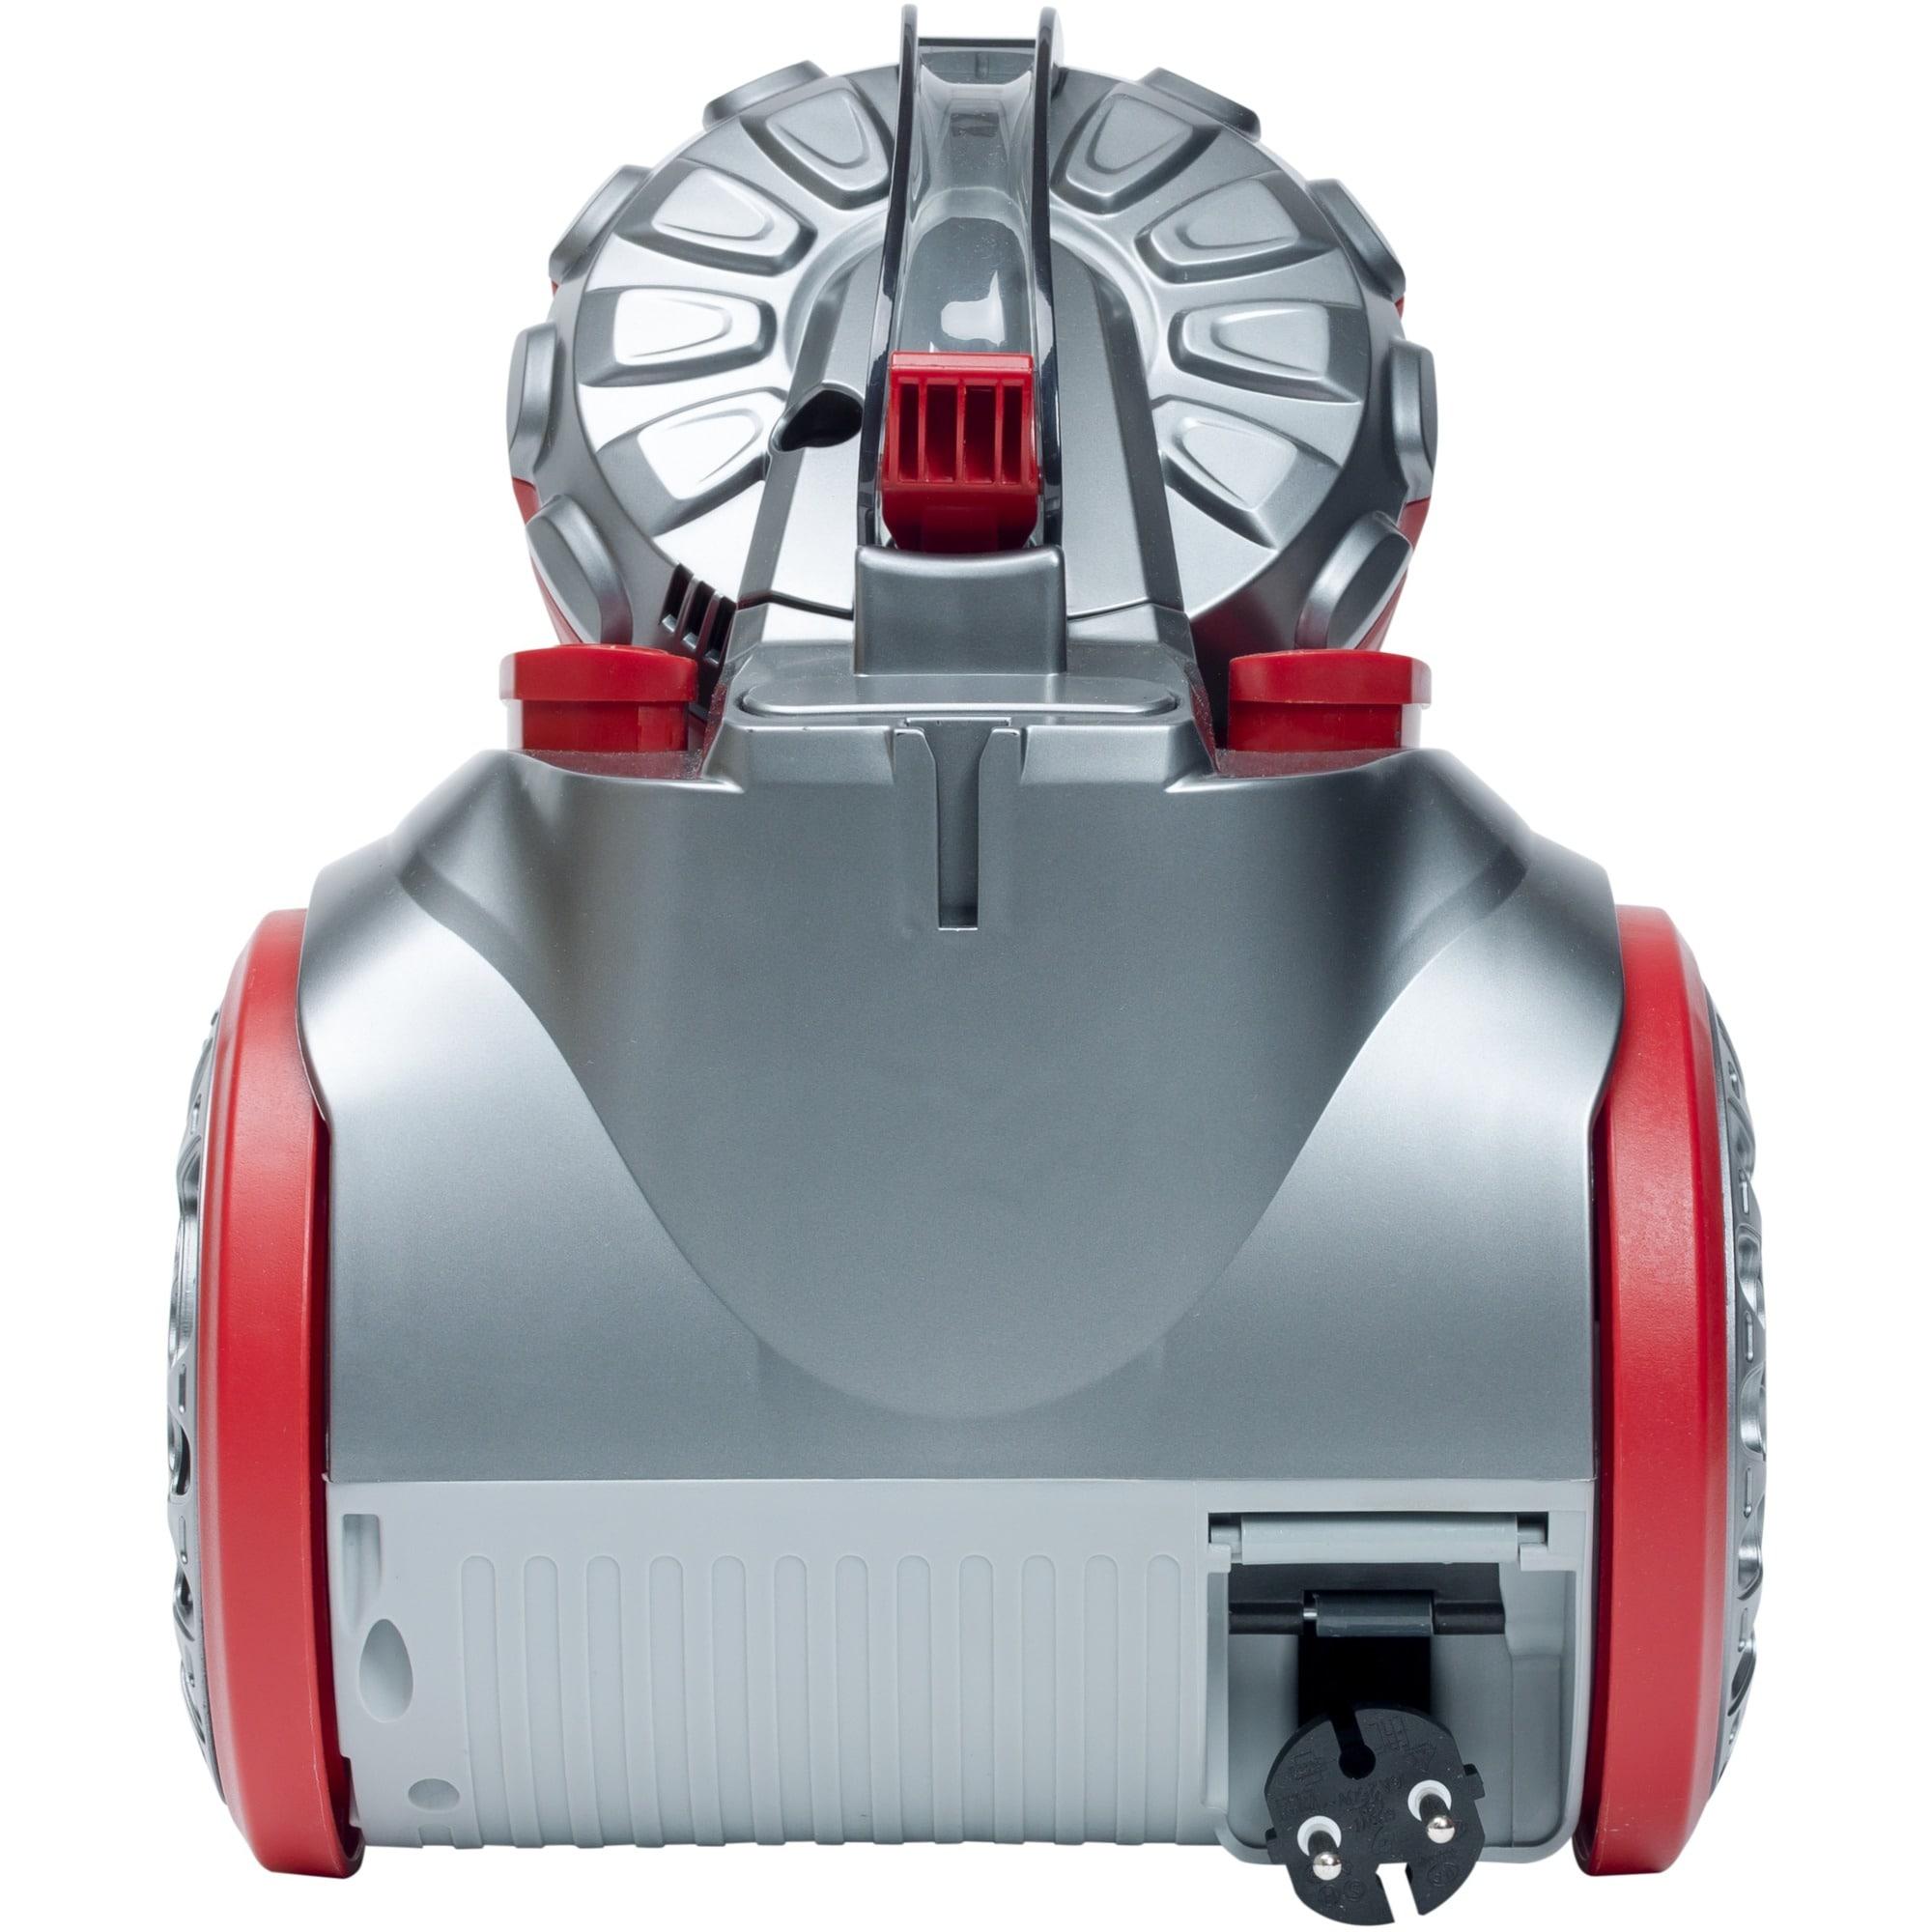 Bestron Bodenstaubsauger ABL930SR Ecosenzo Plus